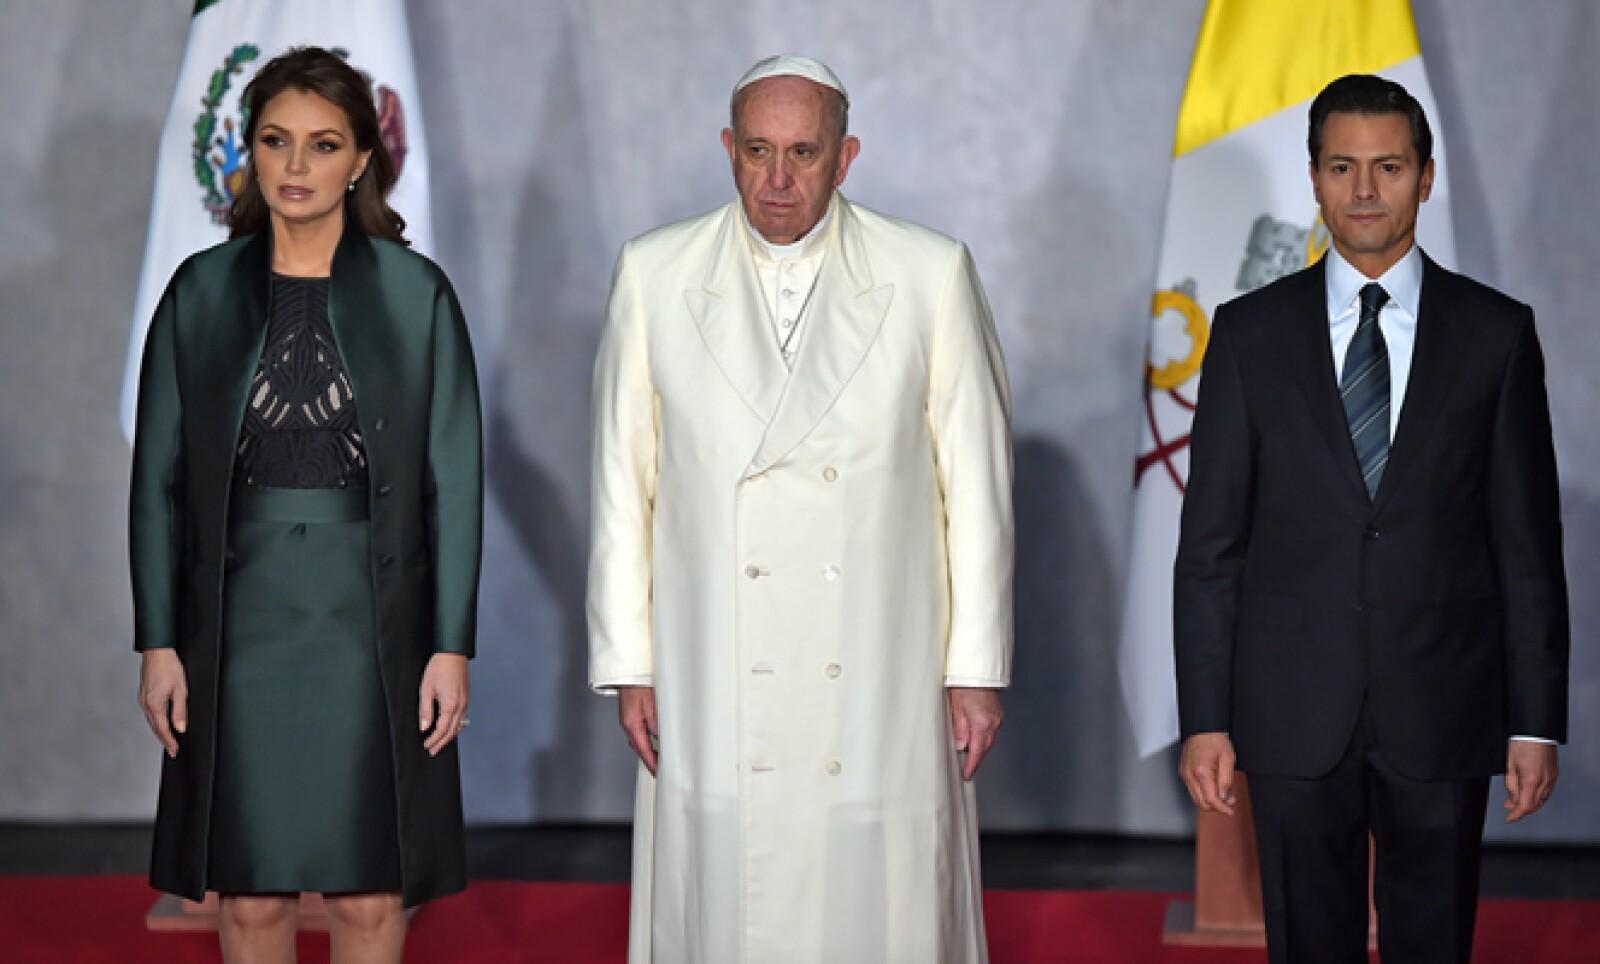 Es la primera vez que un pontífice acude a este recinto; fue recibido por el presidente Peña Nieto.